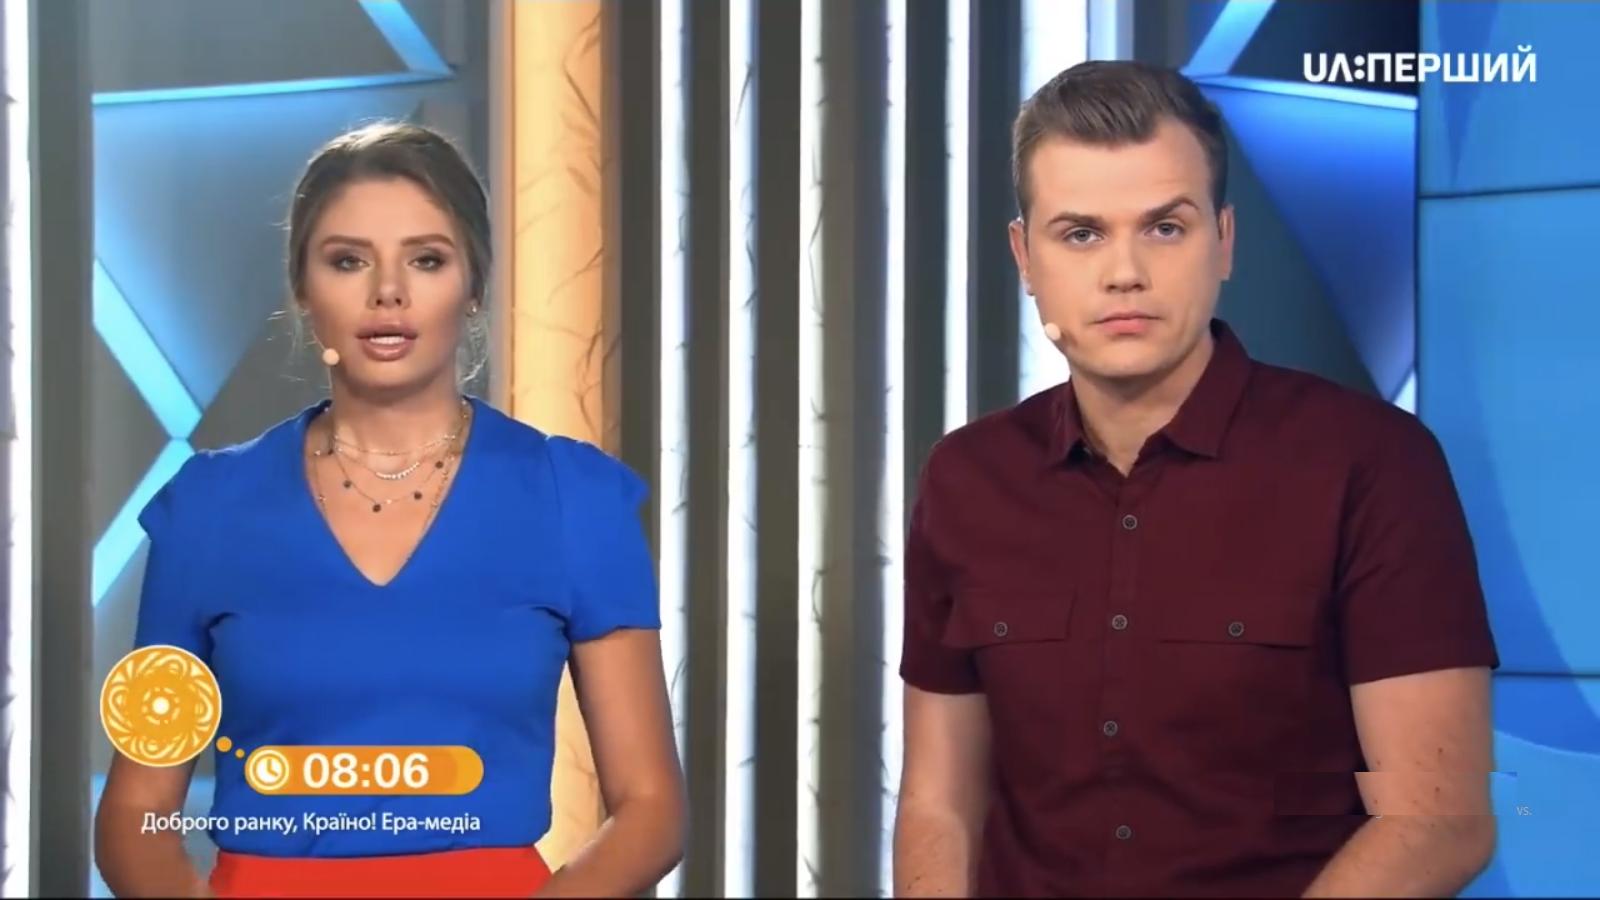 Утреннюю программу на «UA:Первый» закрывают из-за интервью с Тимошенко